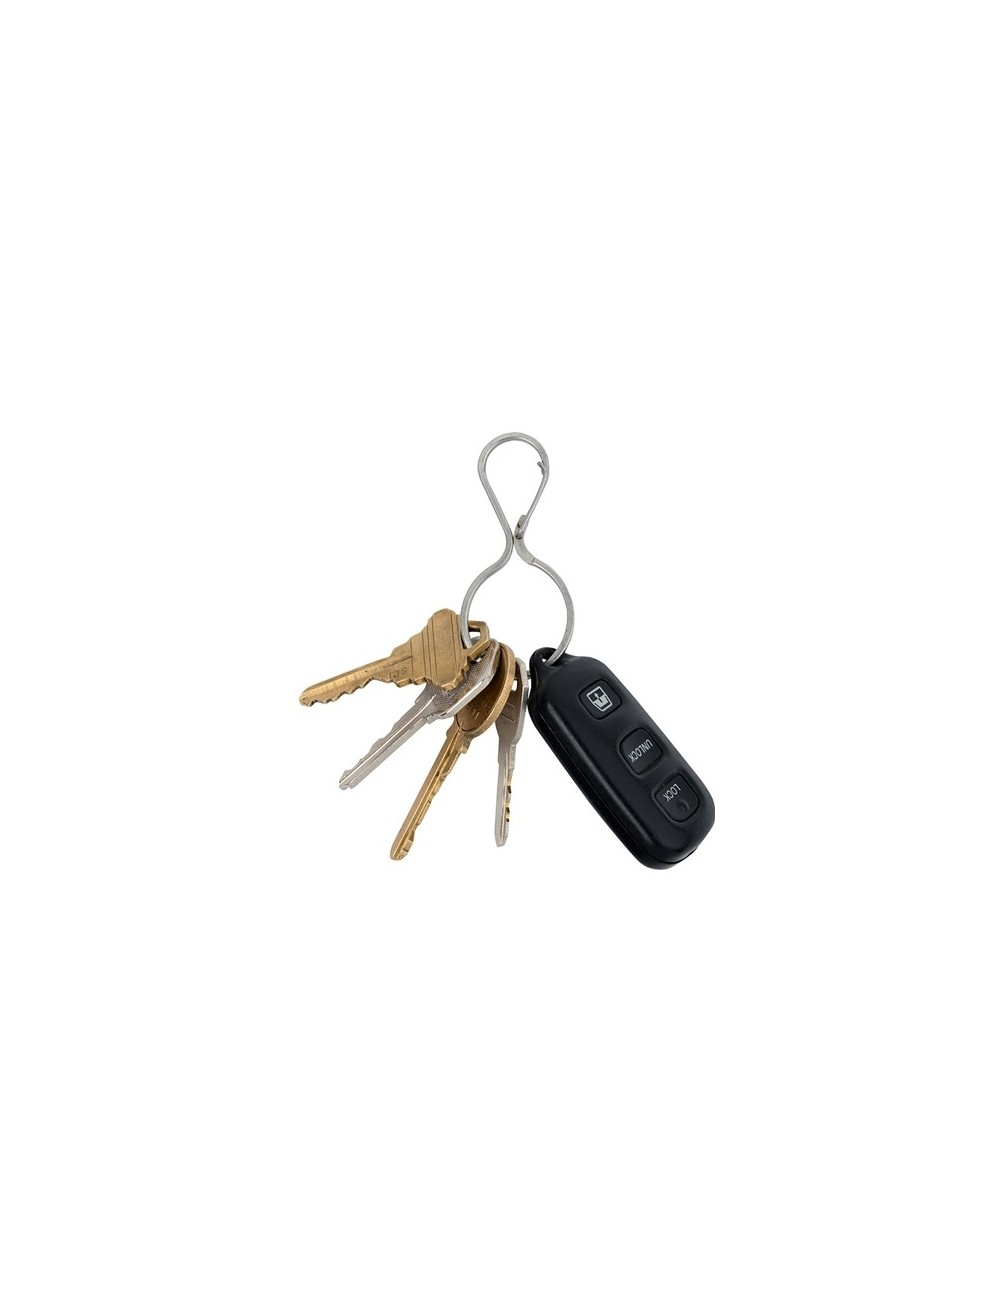 Karabińczyk na klucze Nite Ize Infini-Key